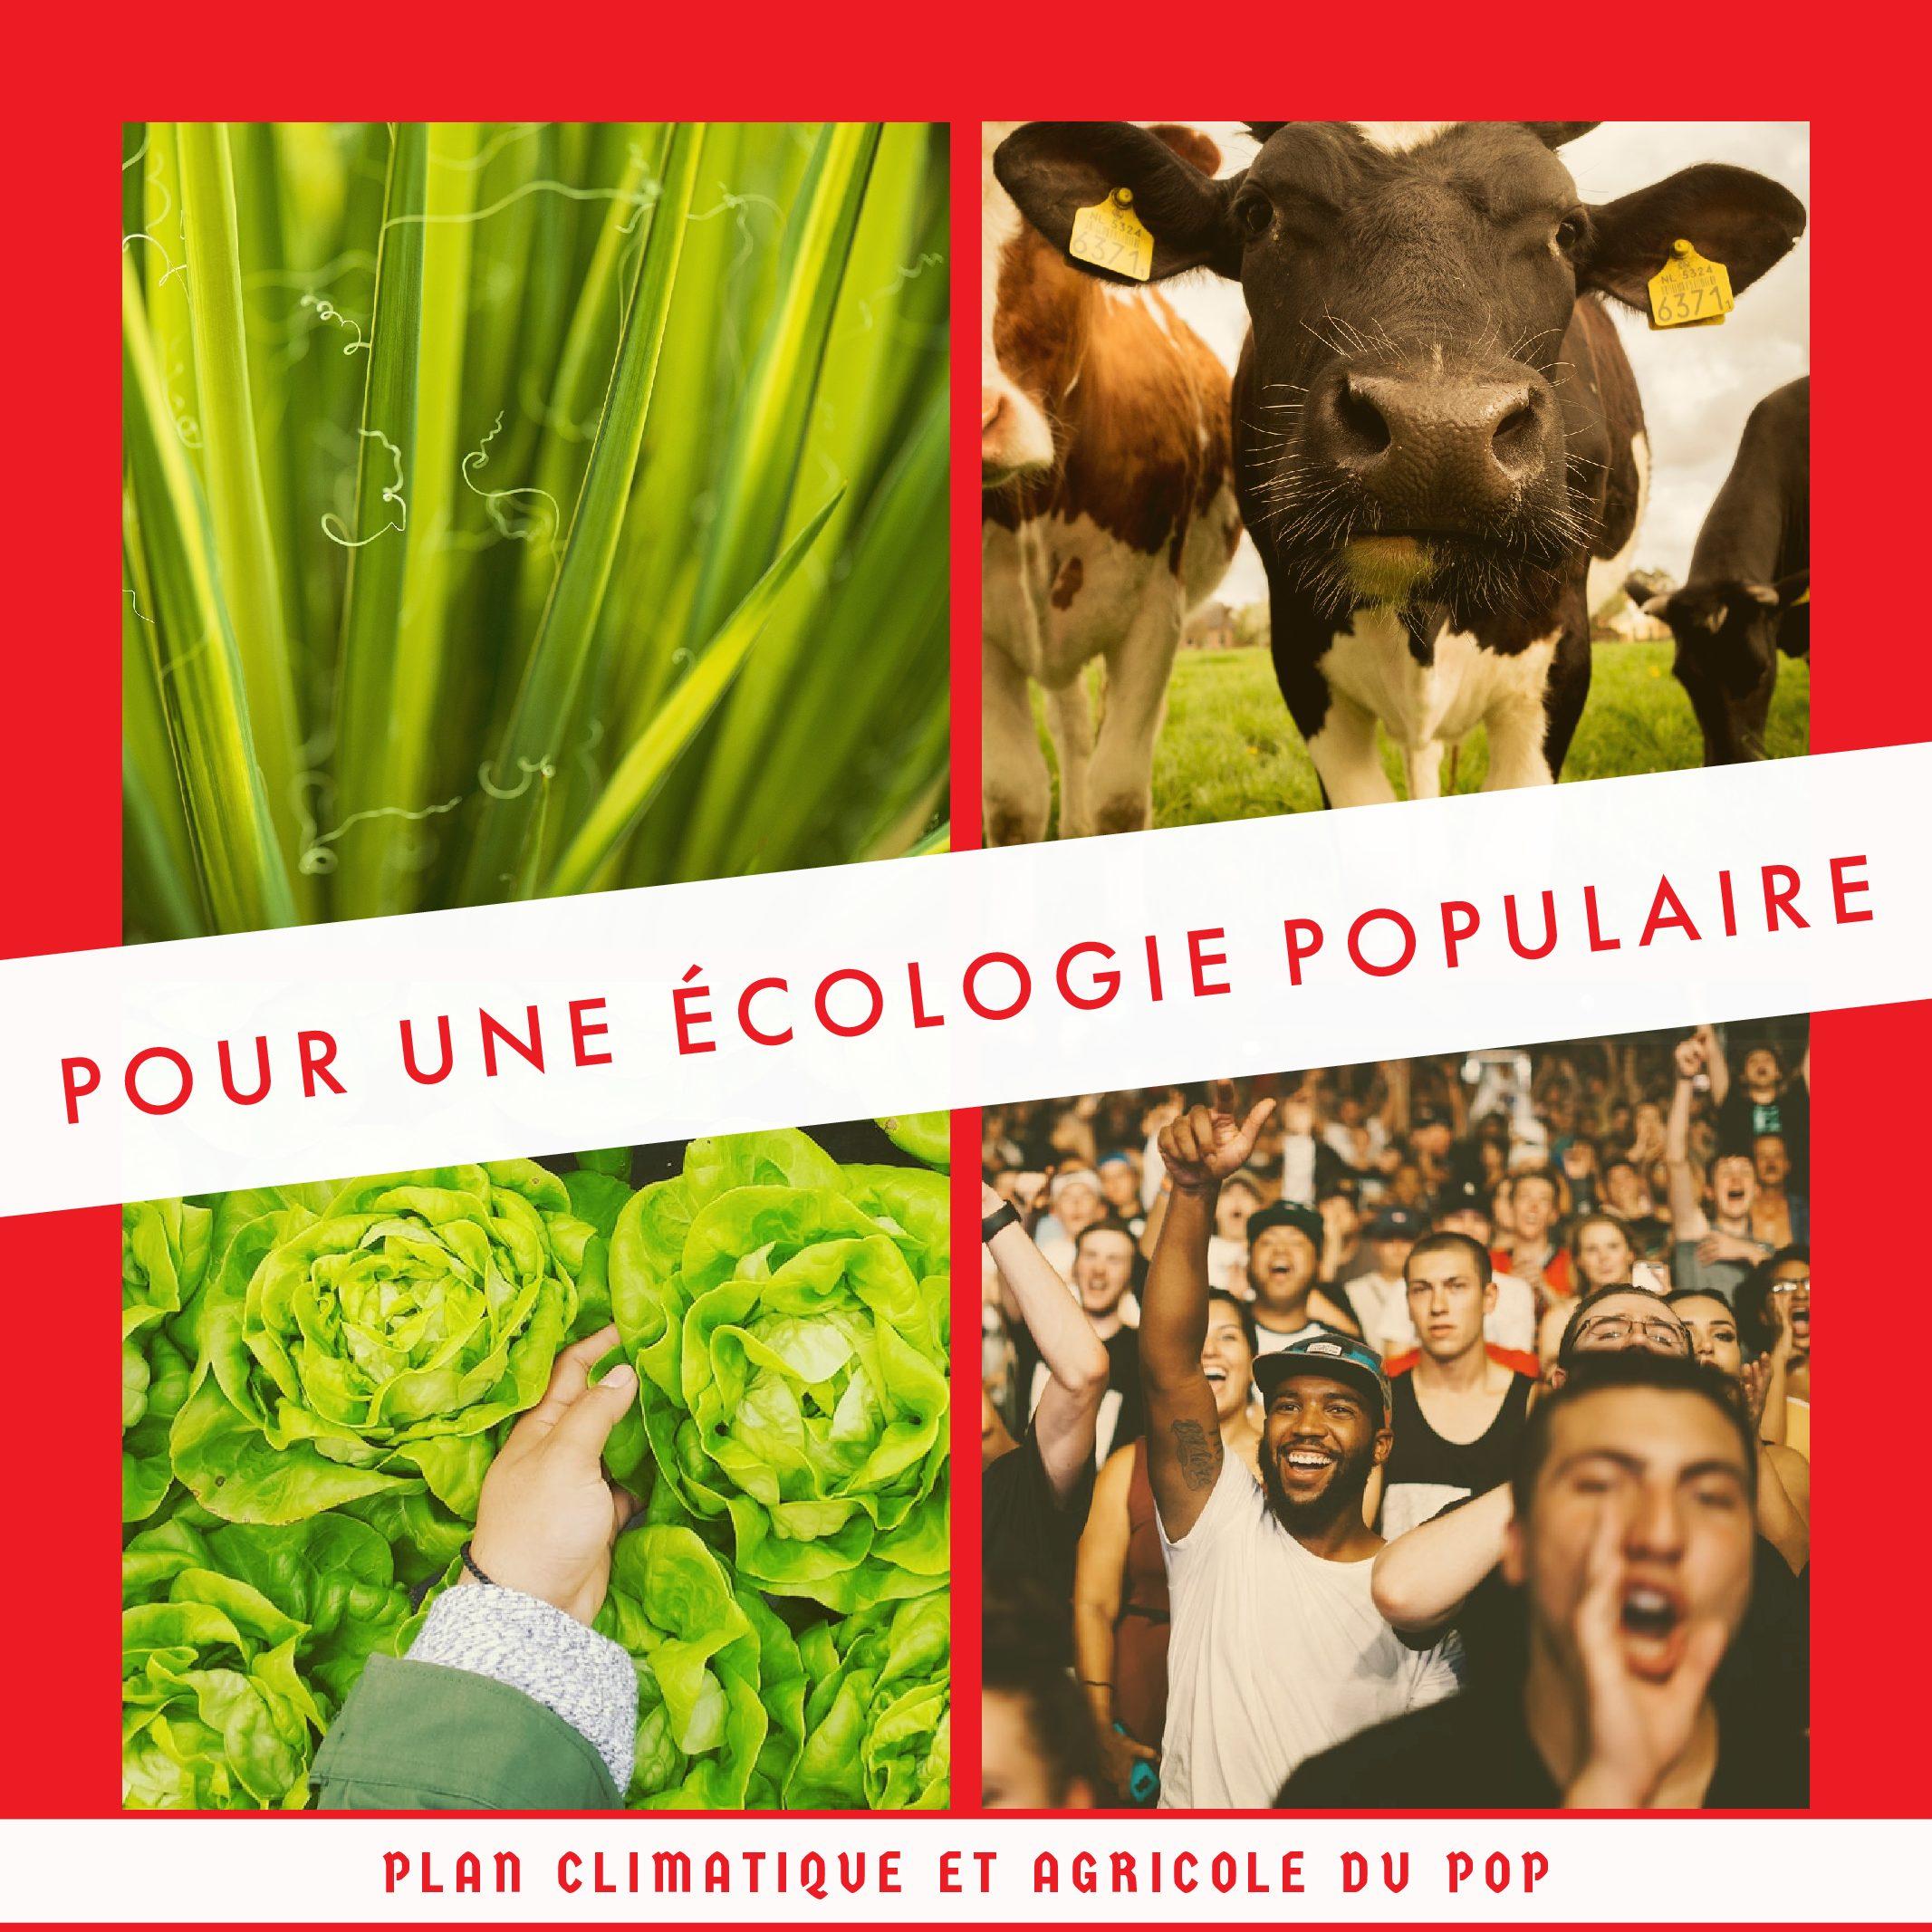 Pour une écologie populaire : communiqué et programme